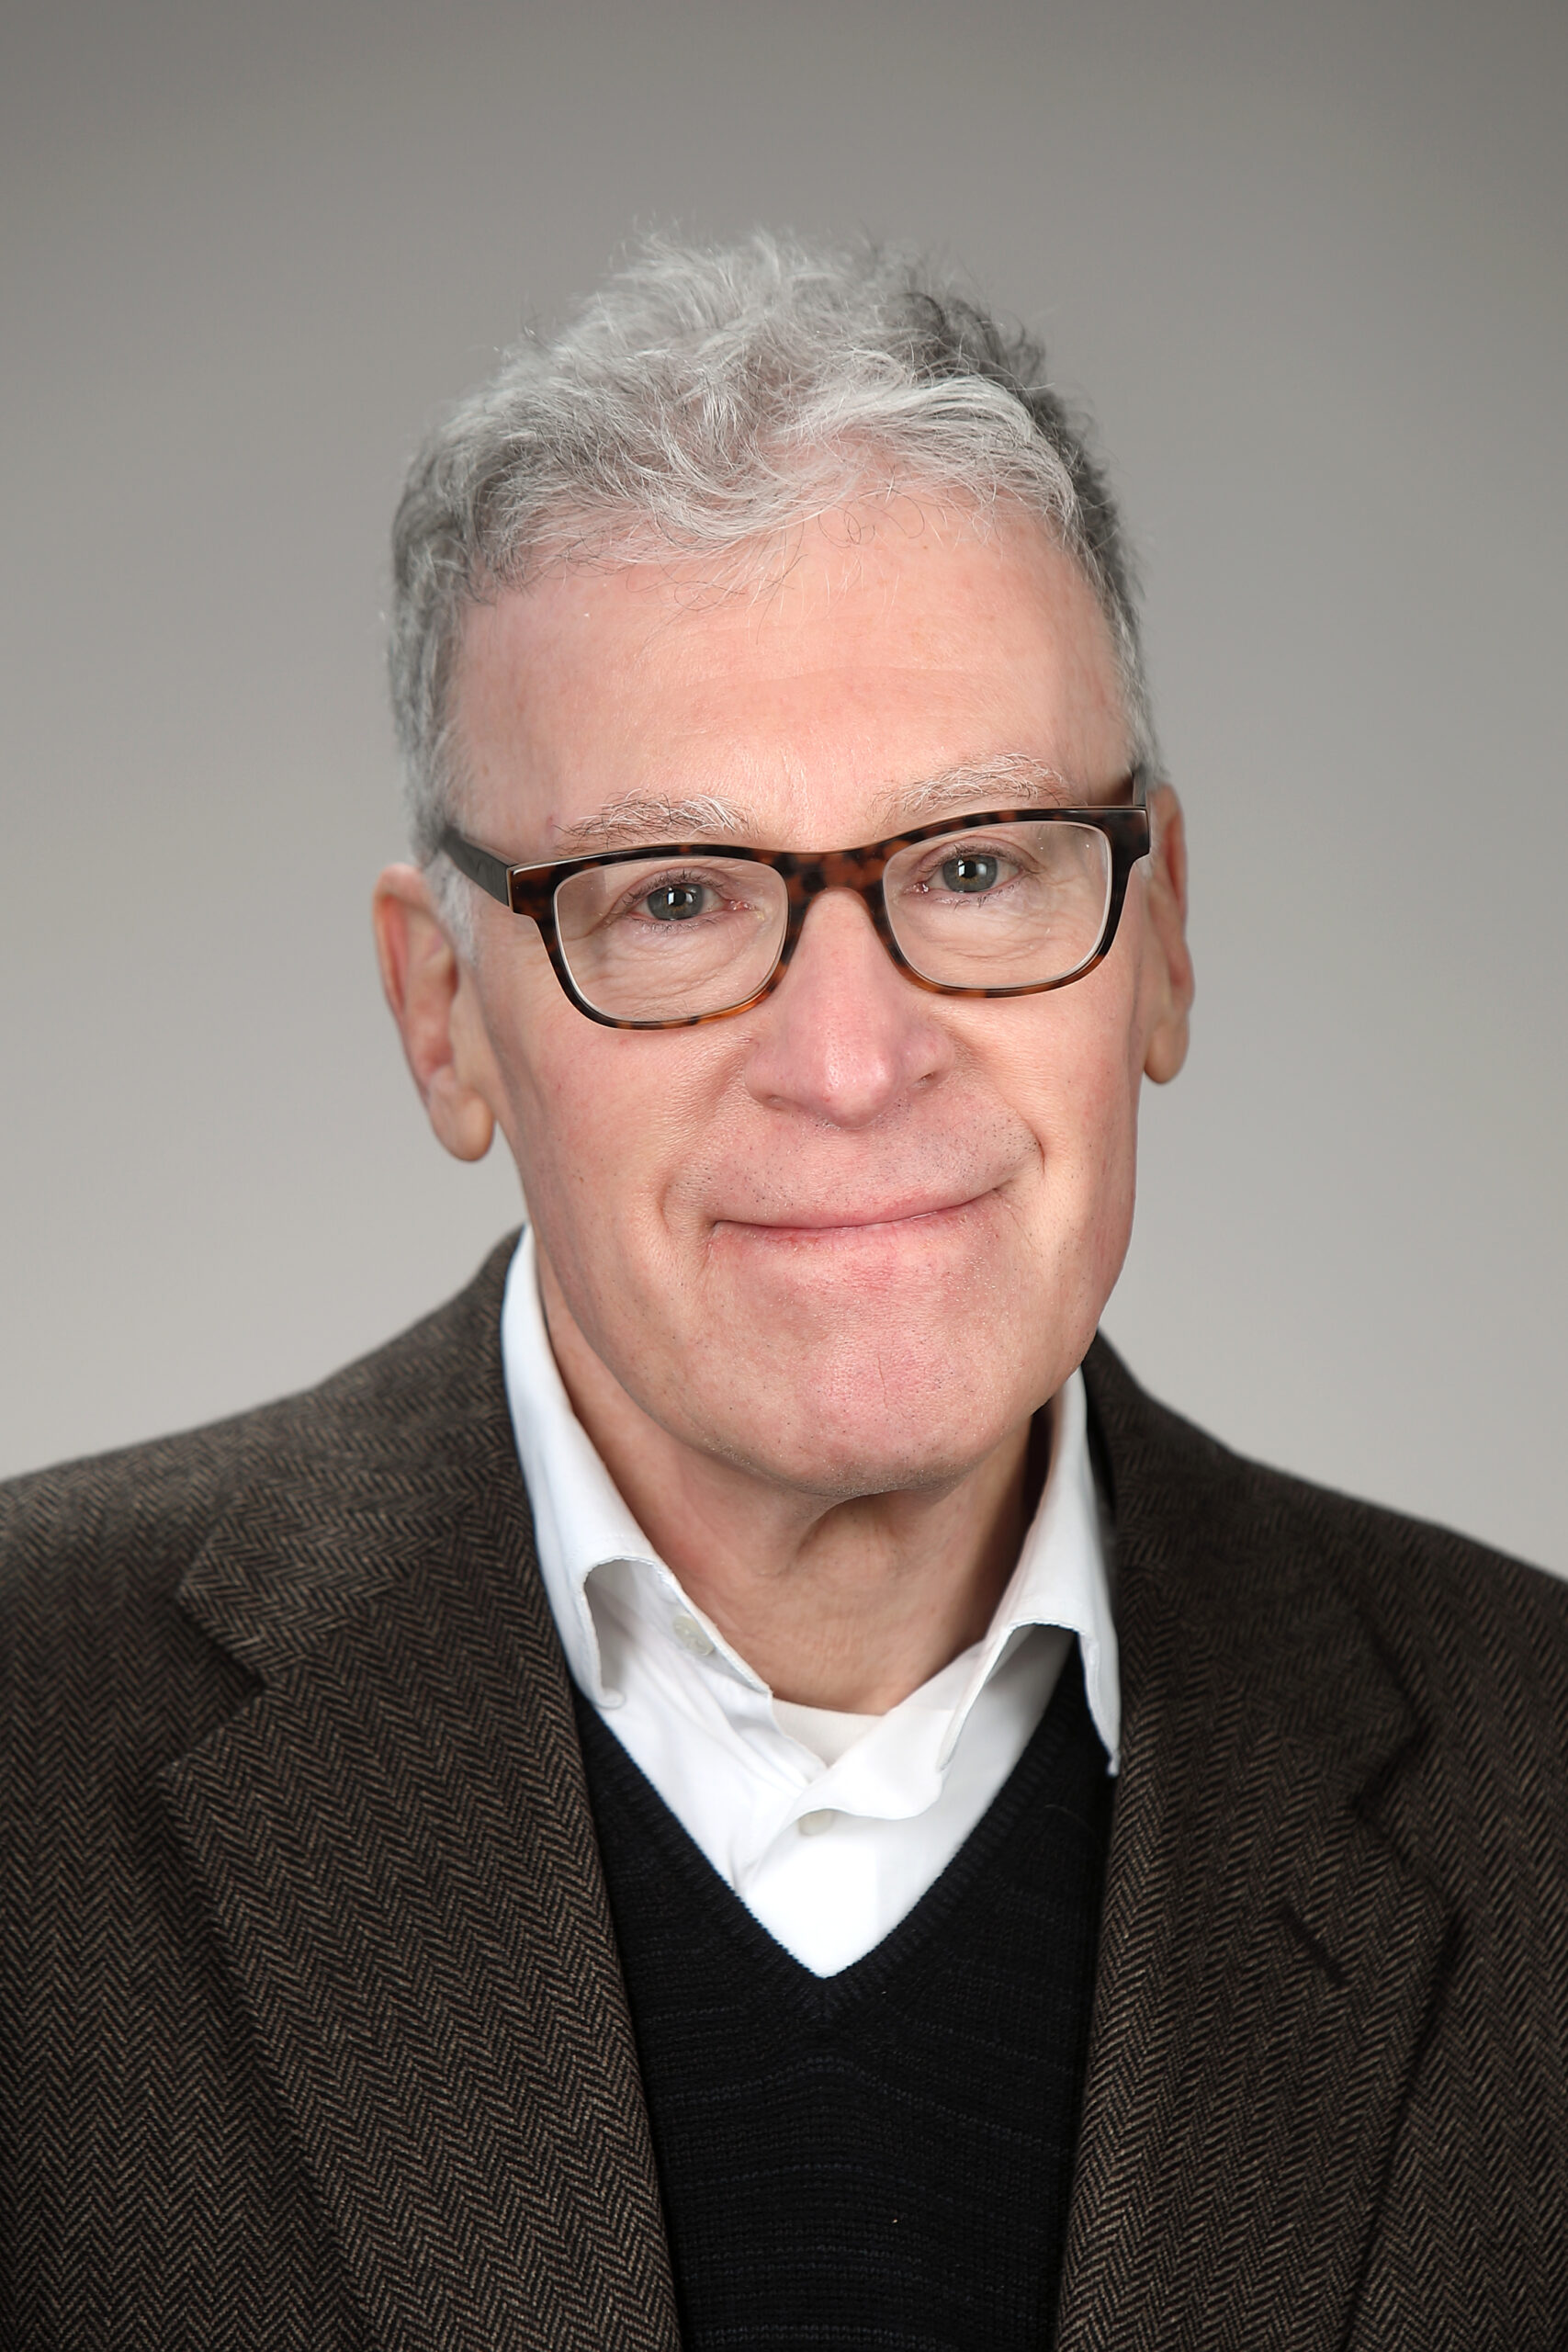 Robert Eiss